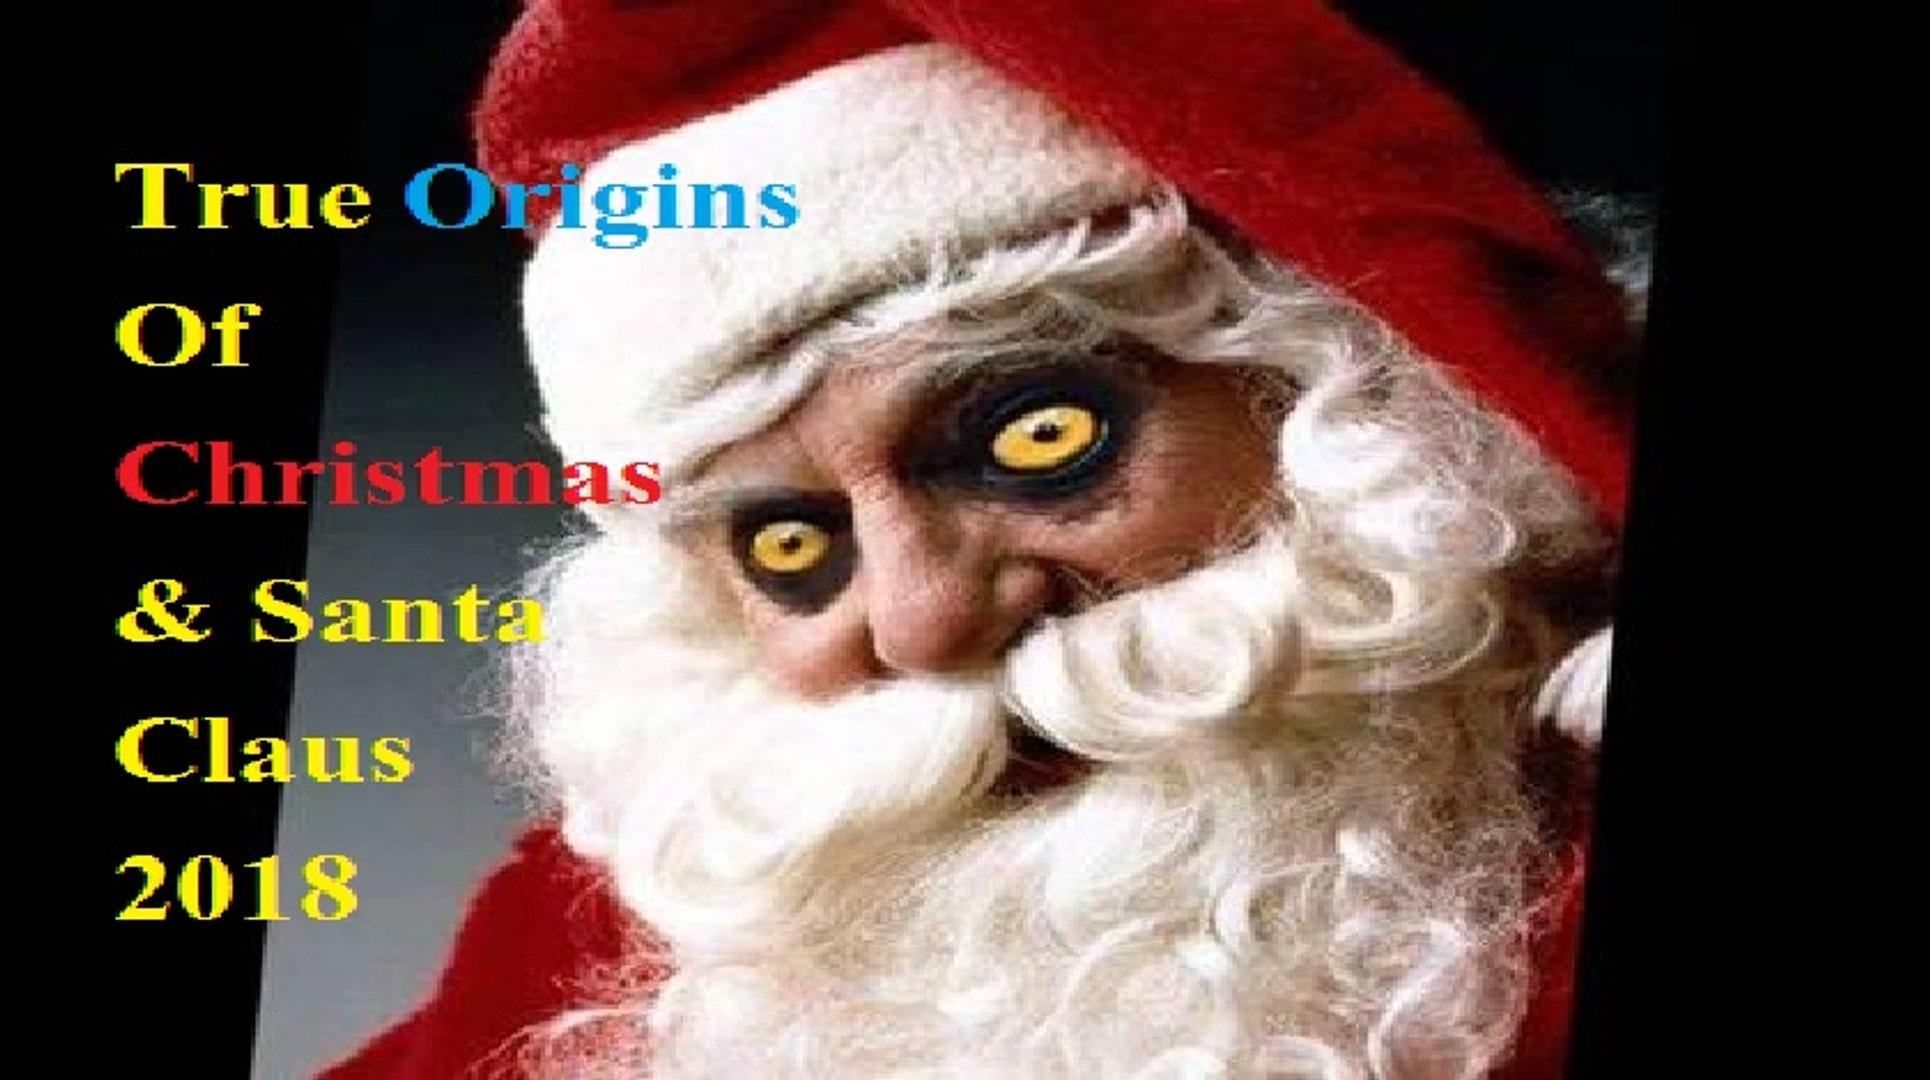 Christmas Origins.True Origins Of Christmas Santa Claus 2018 Quite Interesting